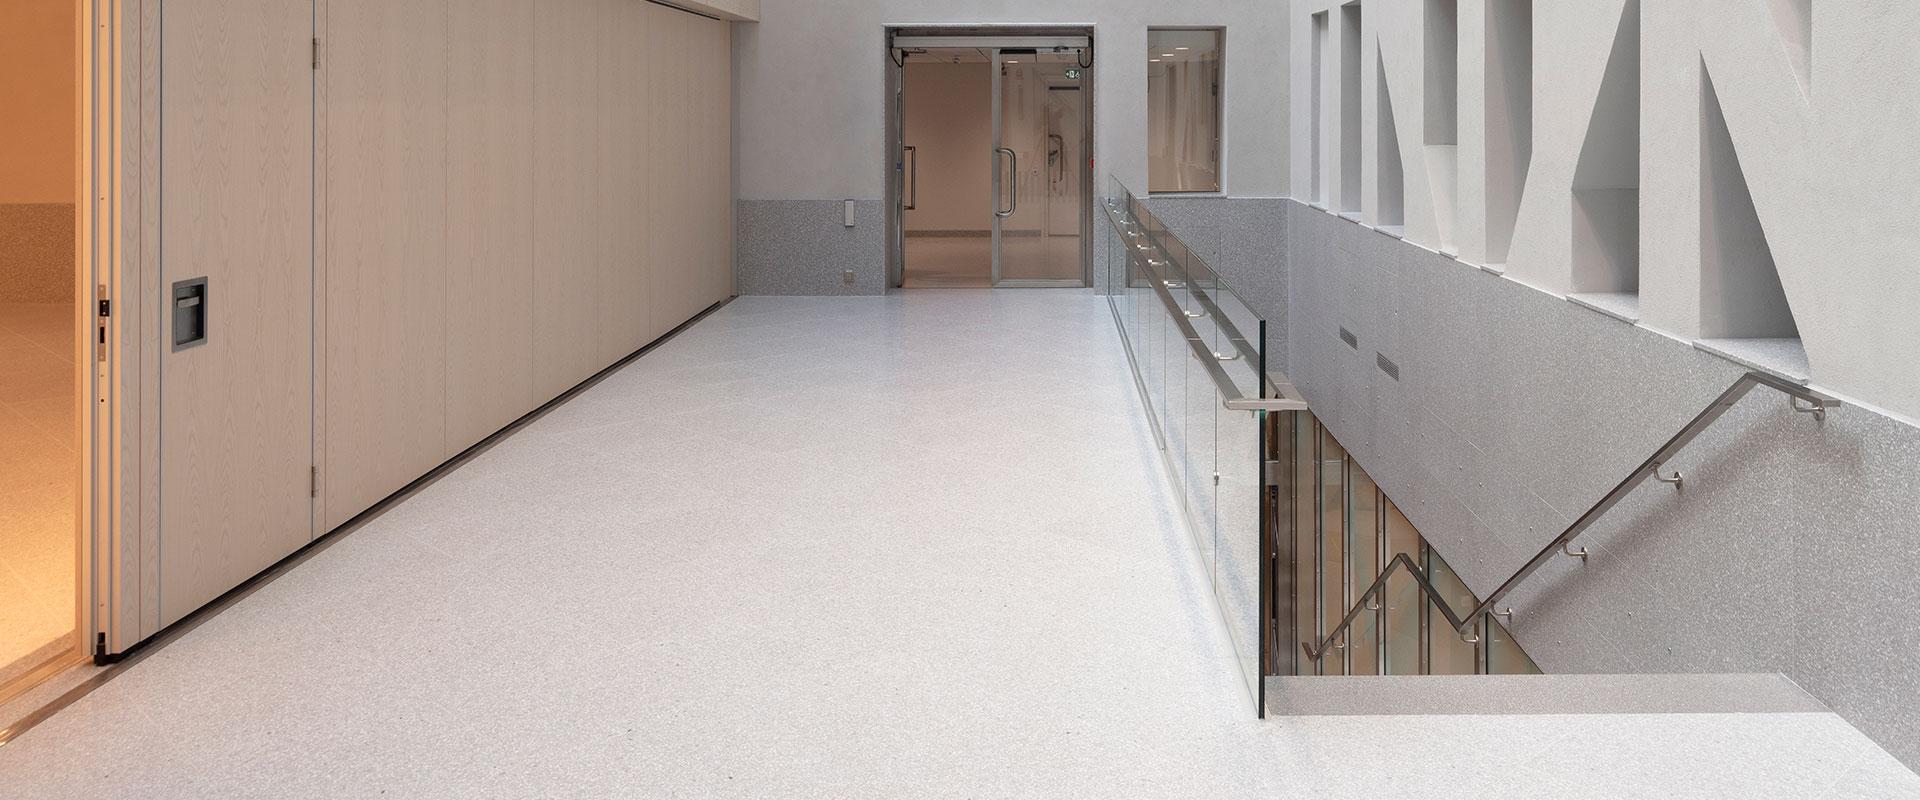 government-offices-kv-bjornen---stockholm-sweden---custom-REG-2289-custom-REG-3120---pubblico-05-OK